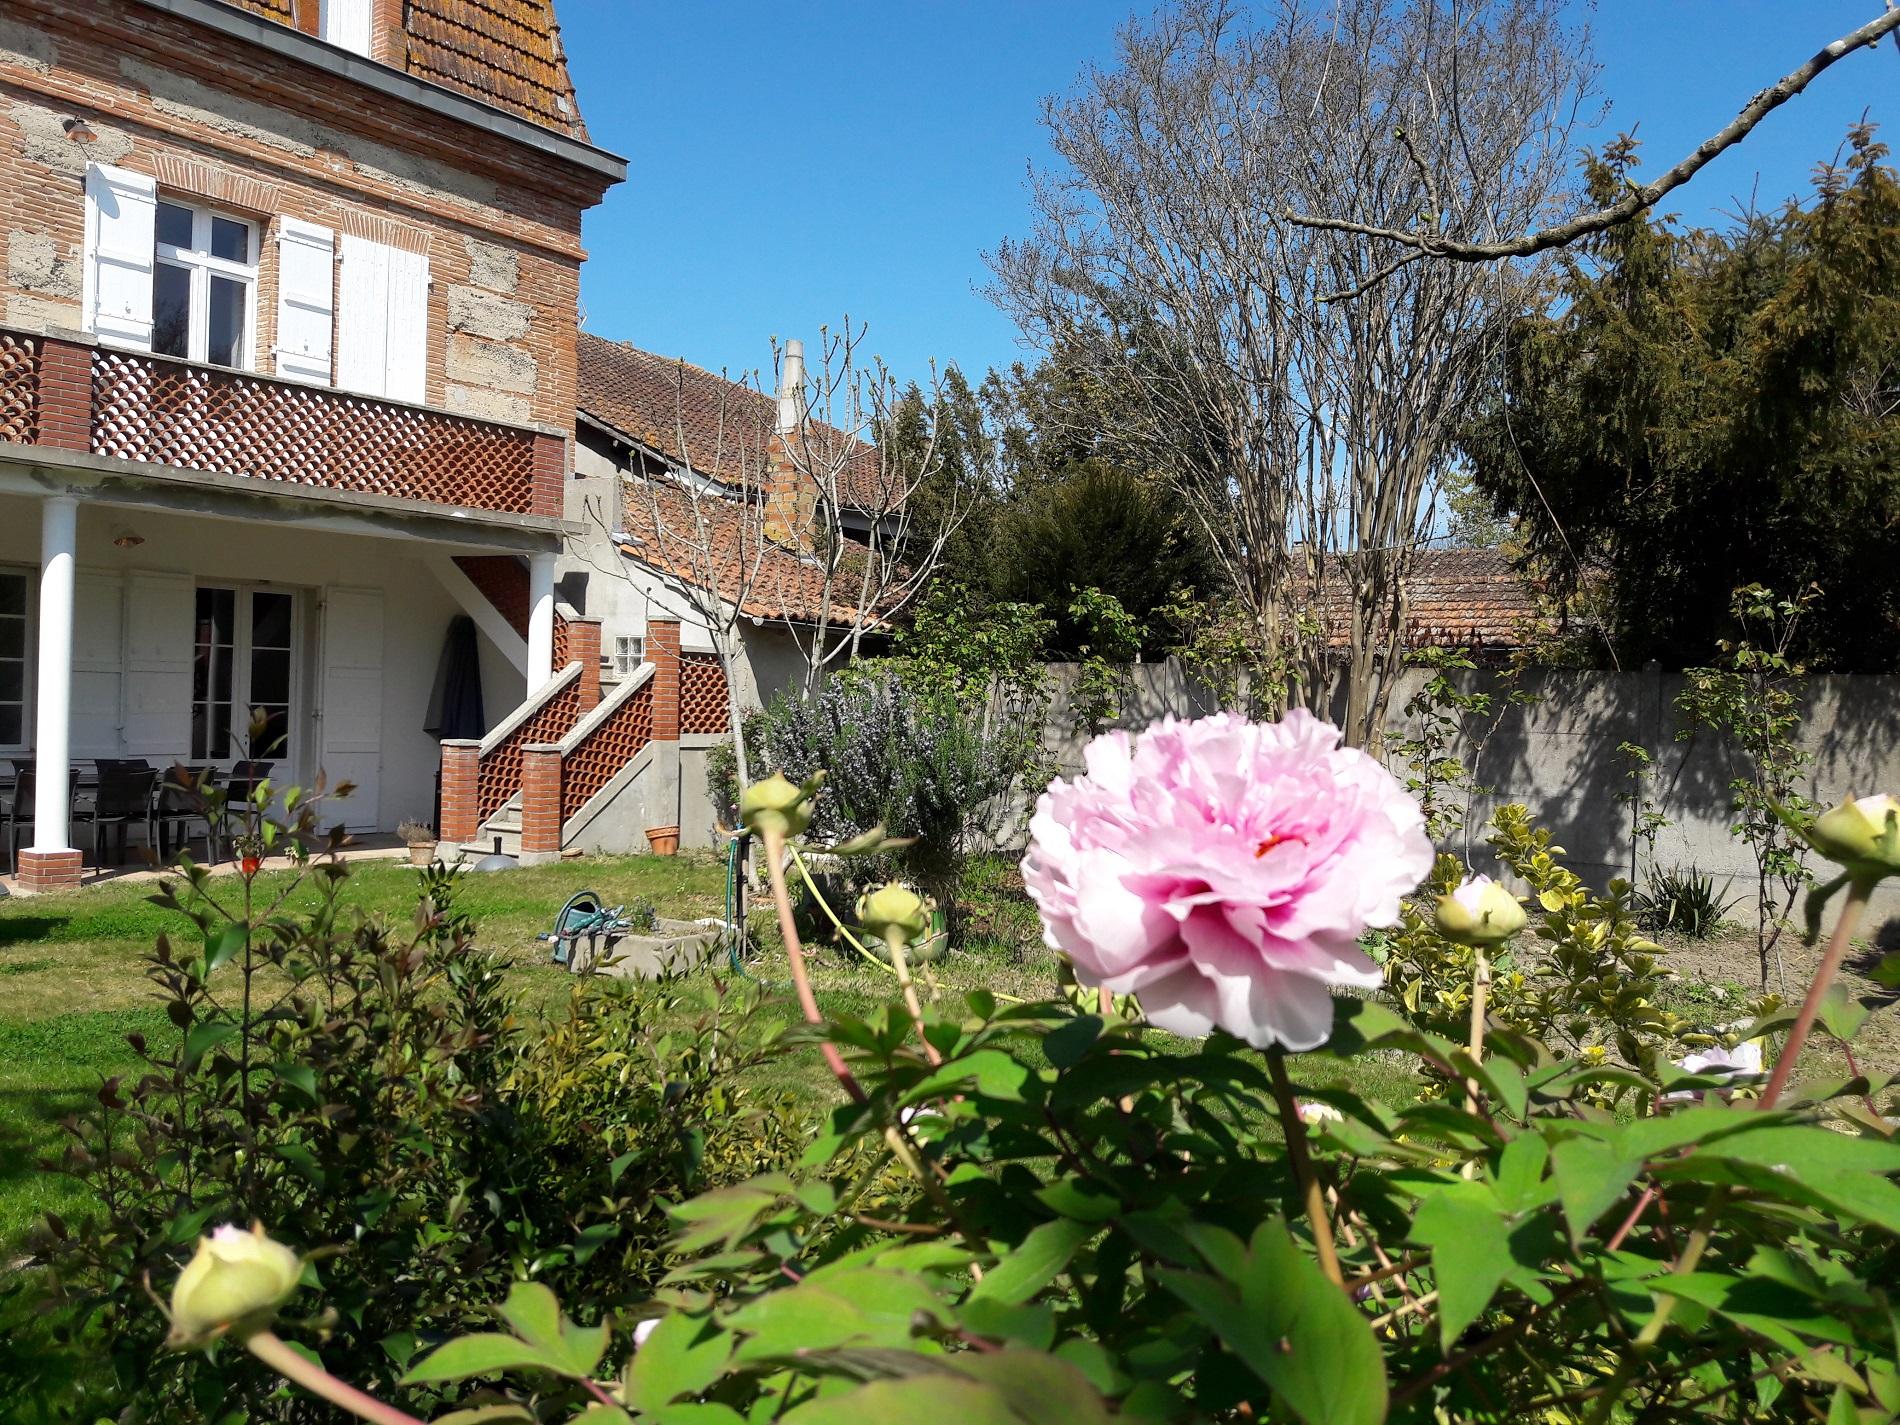 Maison côté jardin avec des pivoines en fleur